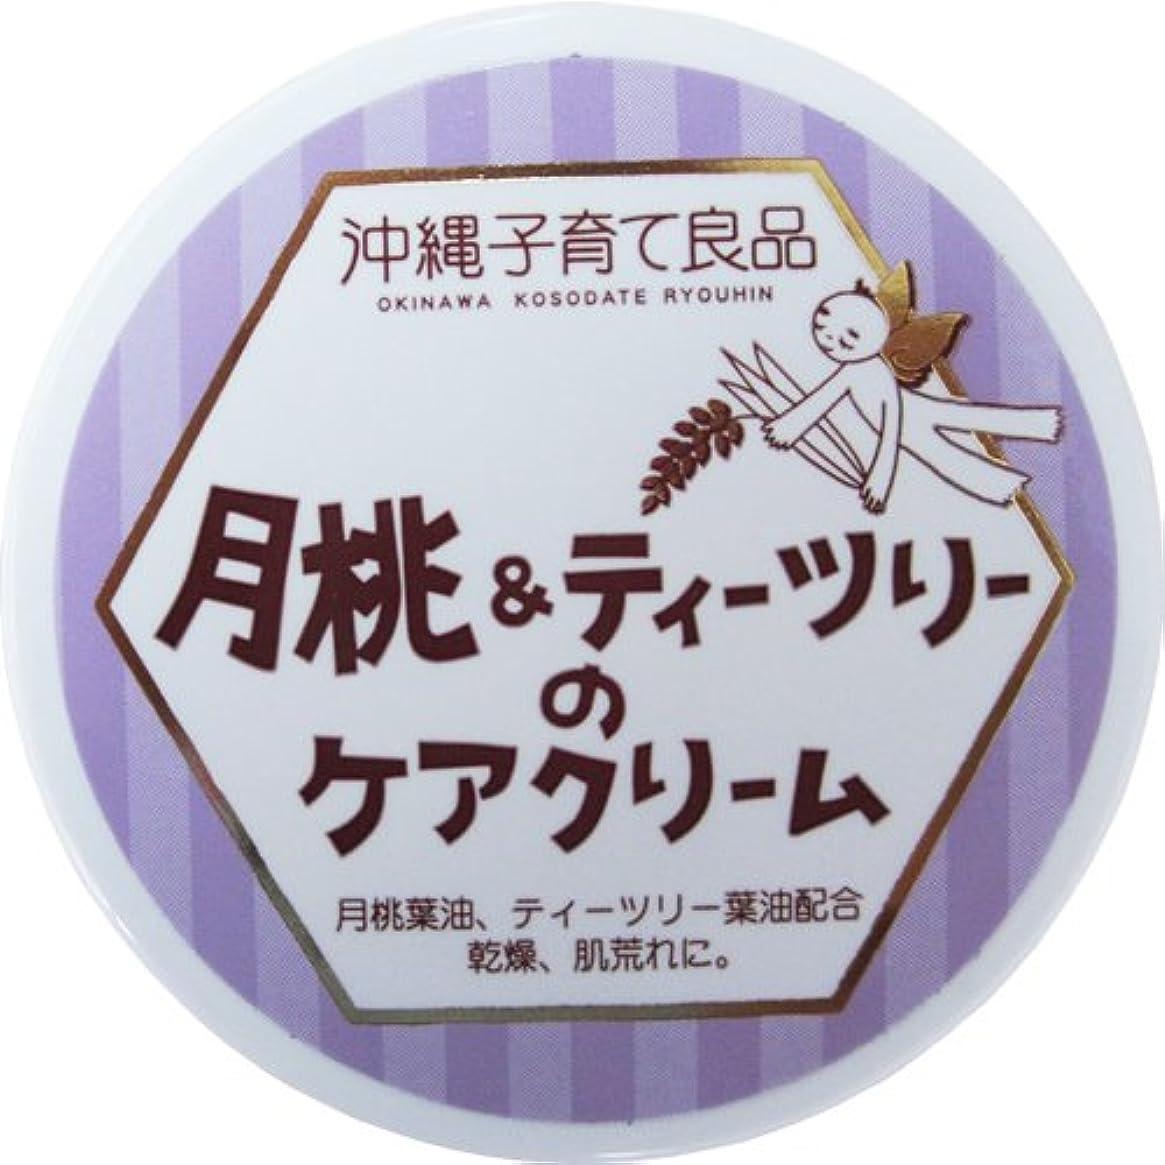 縁石伝える何よりも沖縄子育て良品 月桃&ティツリーのケアクリーム (25g)